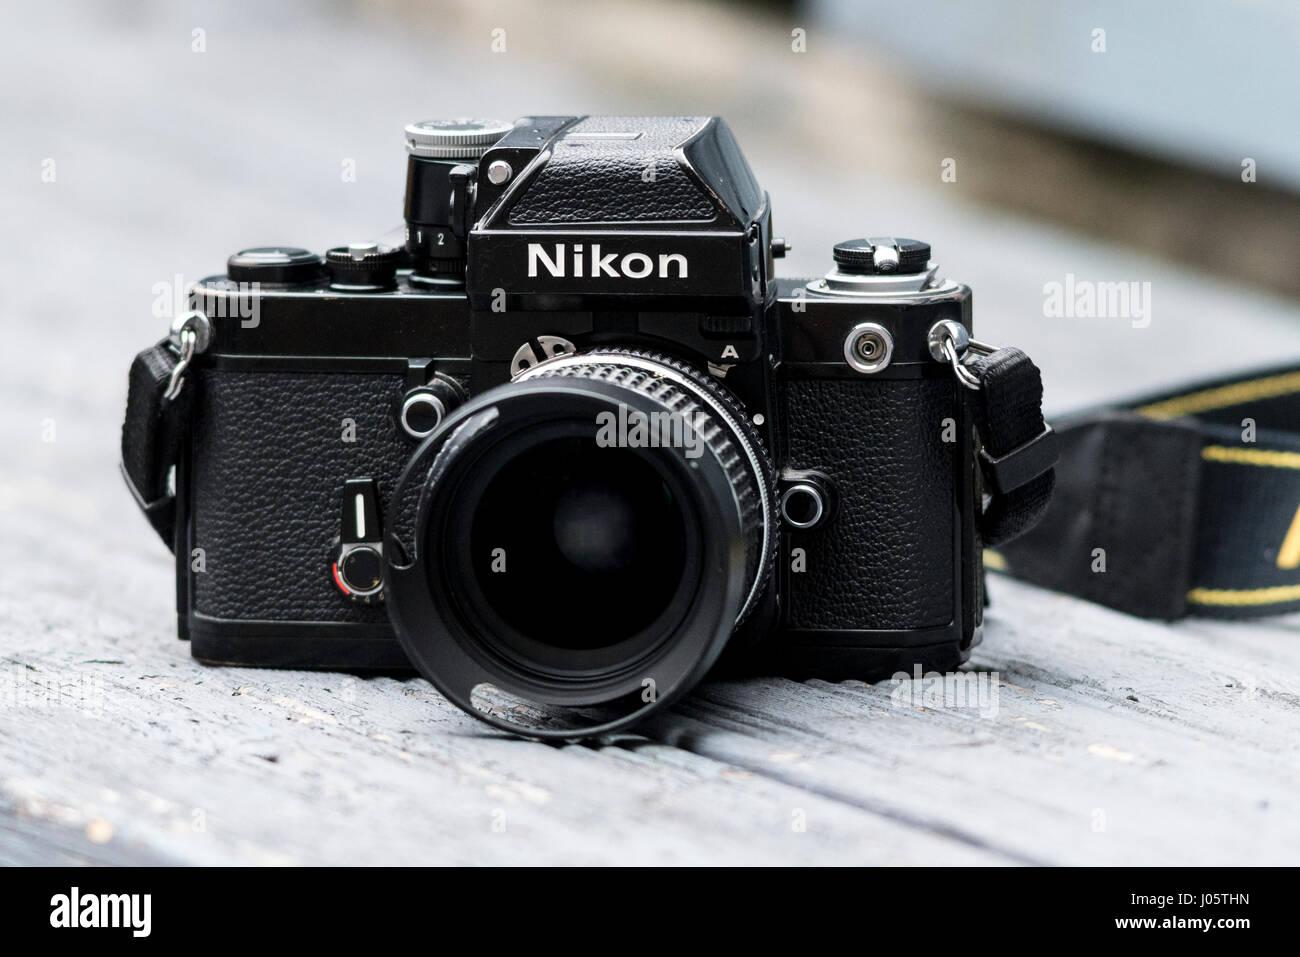 Nikon F2una reflex a lente singola pellicola 35mm Fotocamera, rilasciato per la prima volta nel 1971. Immagini Stock